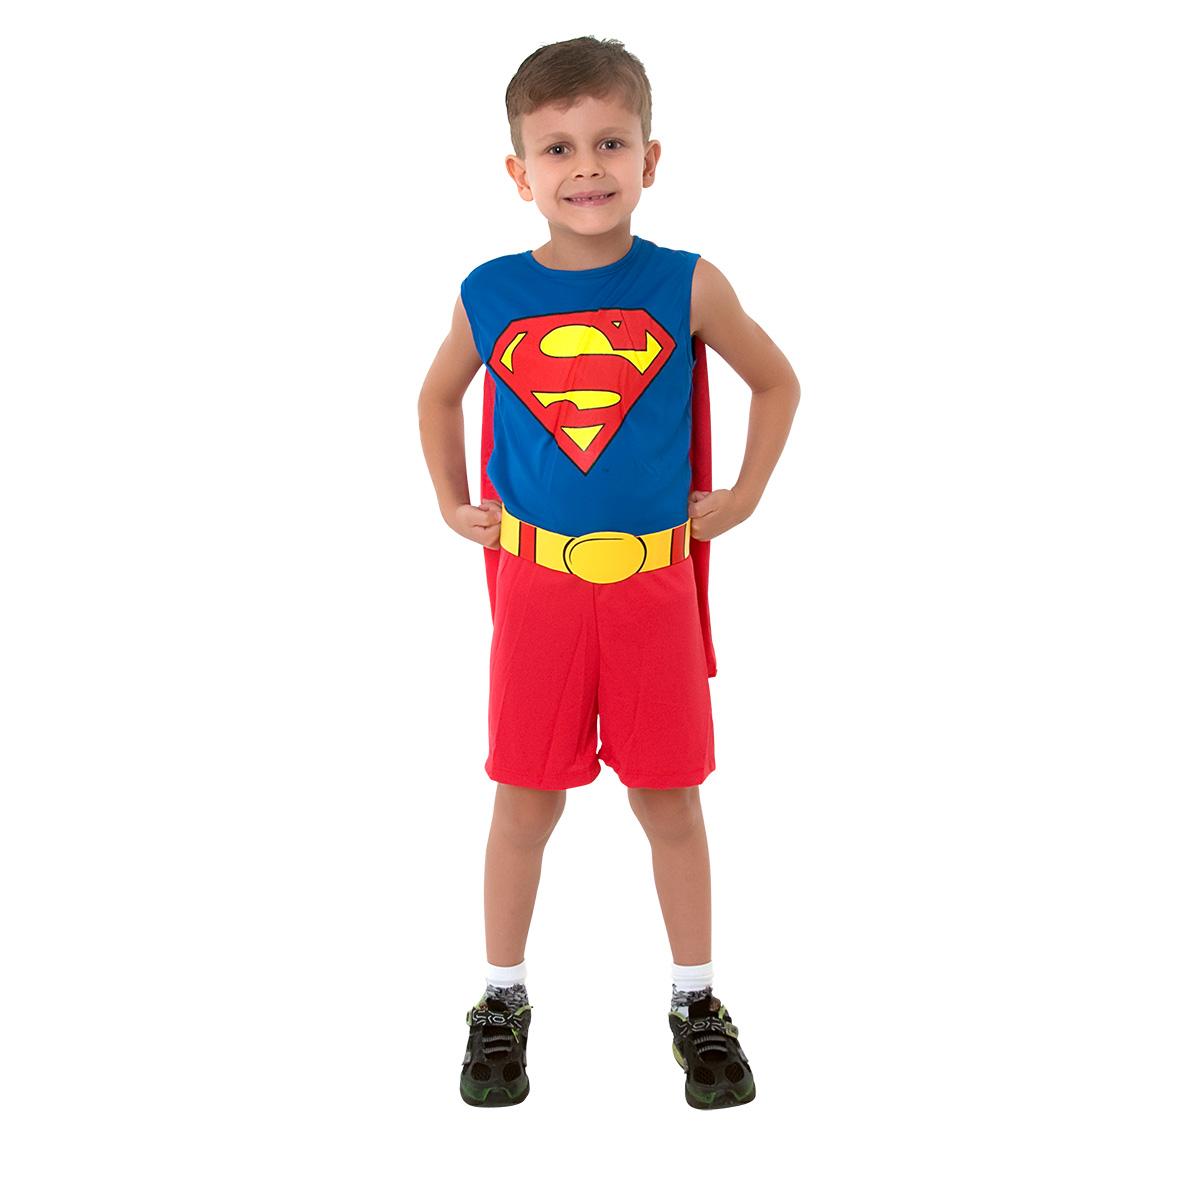 d414f18c521d4 Fantasia Super Homem Regata